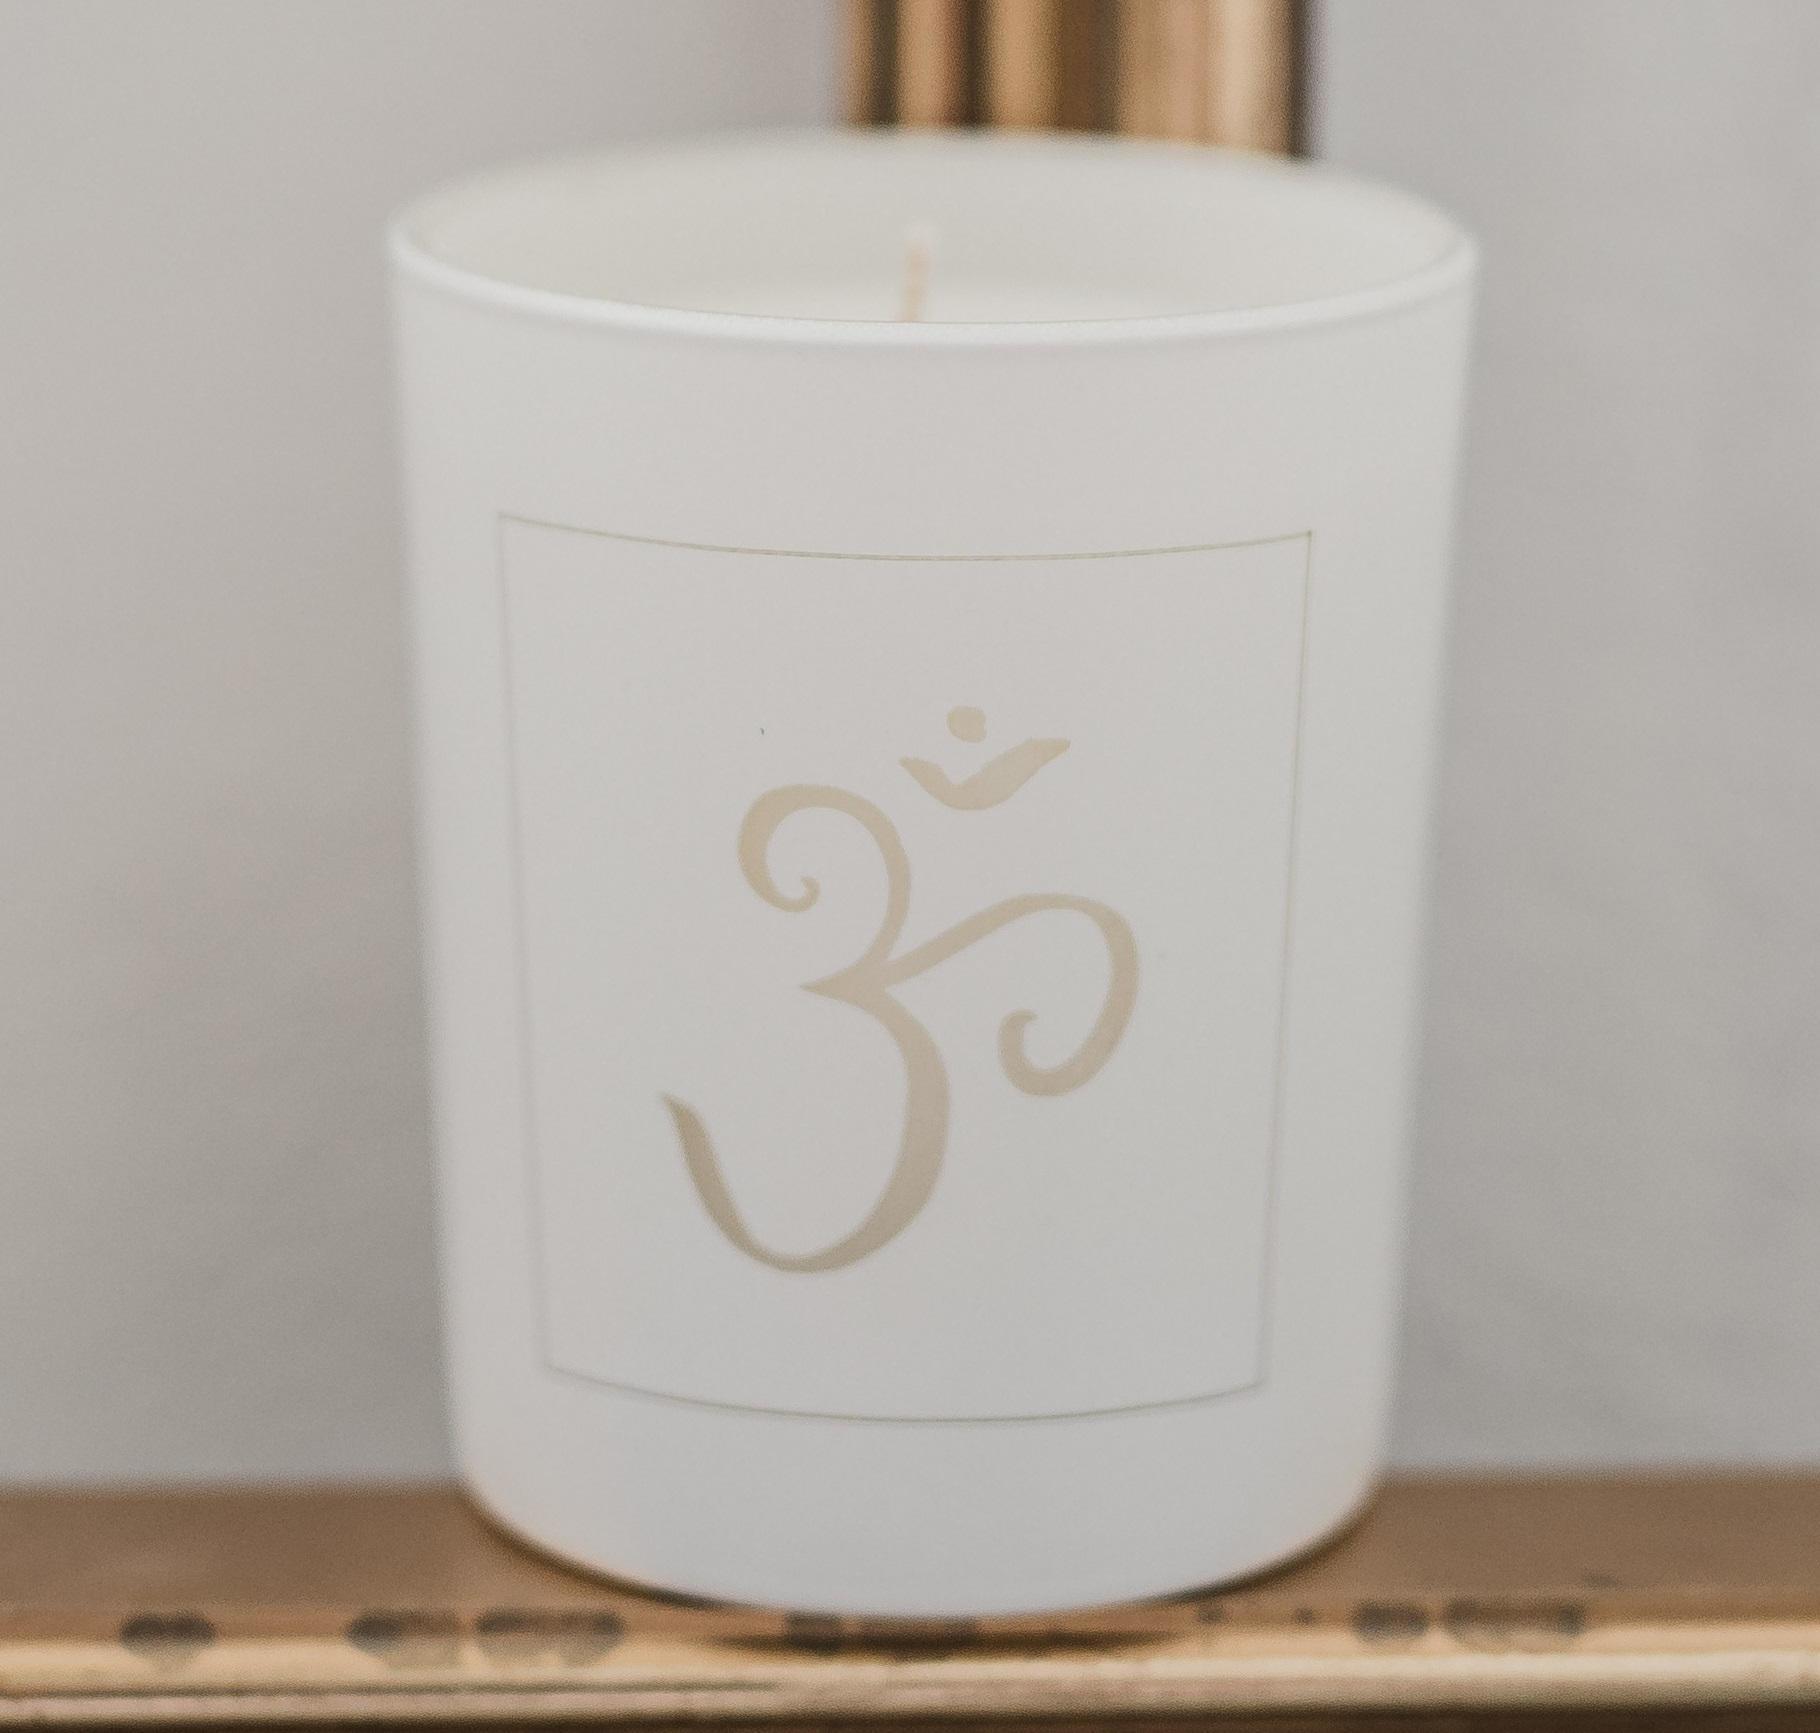 Love Inc. Bílá svíčka Jóga ॐ - bazalka a limetka, bílá barva, sklo, dřevo, vosk